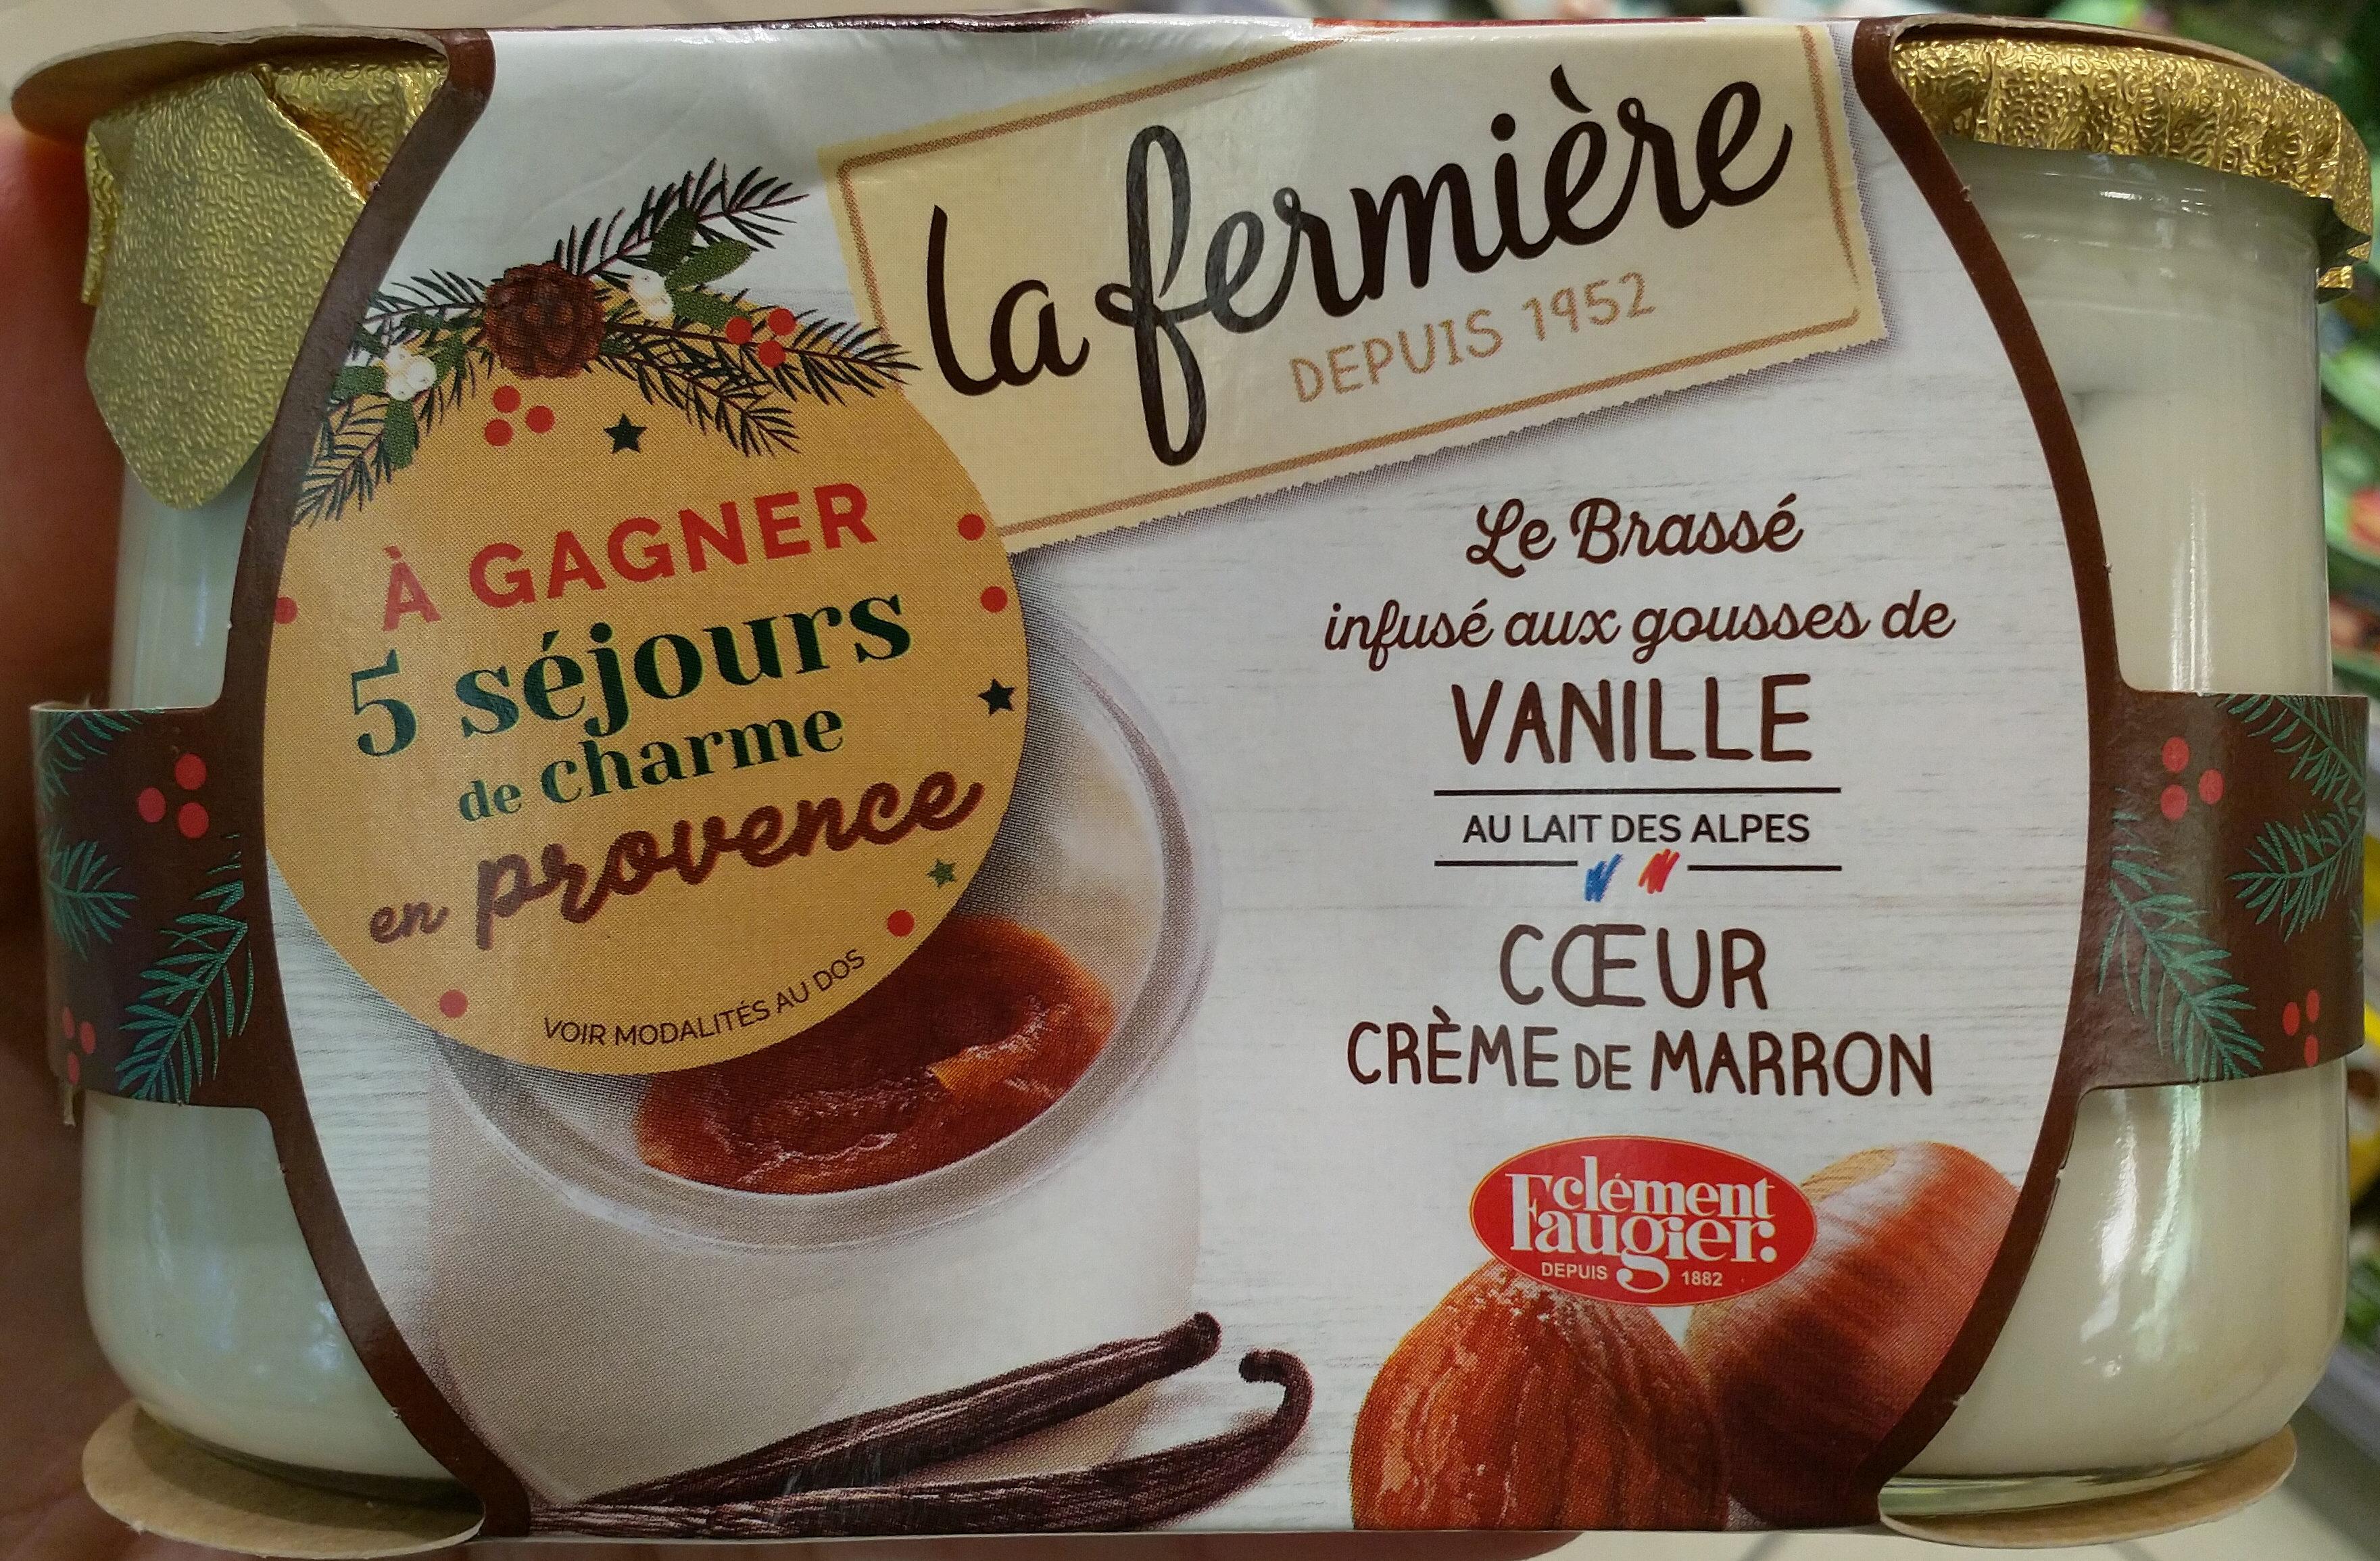 Le yaourt aux fruits, marron - Produit - fr